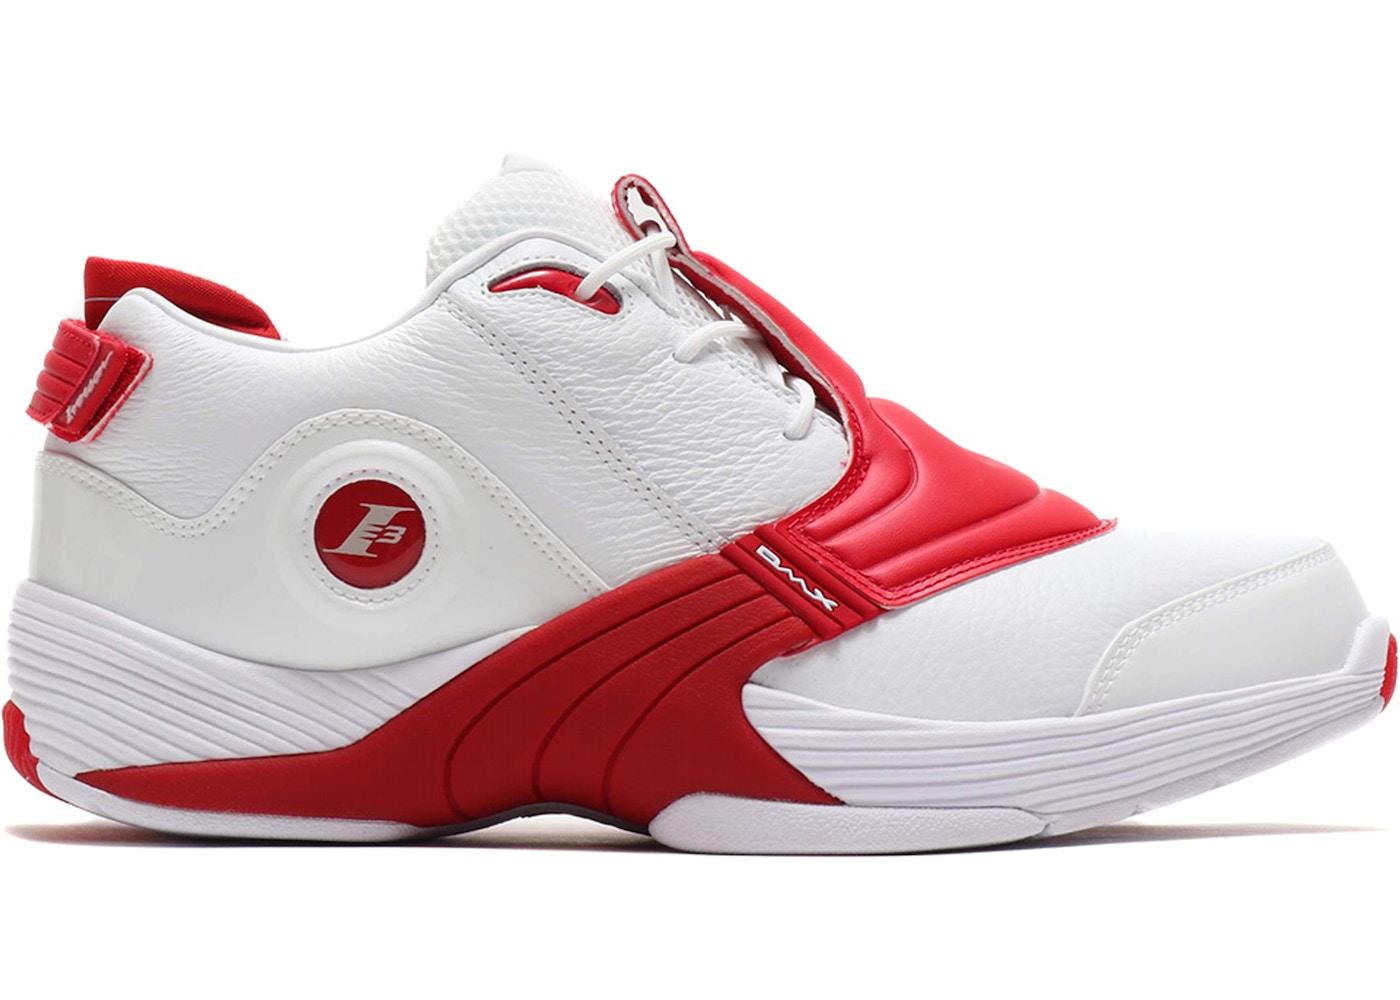 07564edcb8 Buy Reebok Shoes & Deadstock Sneakers